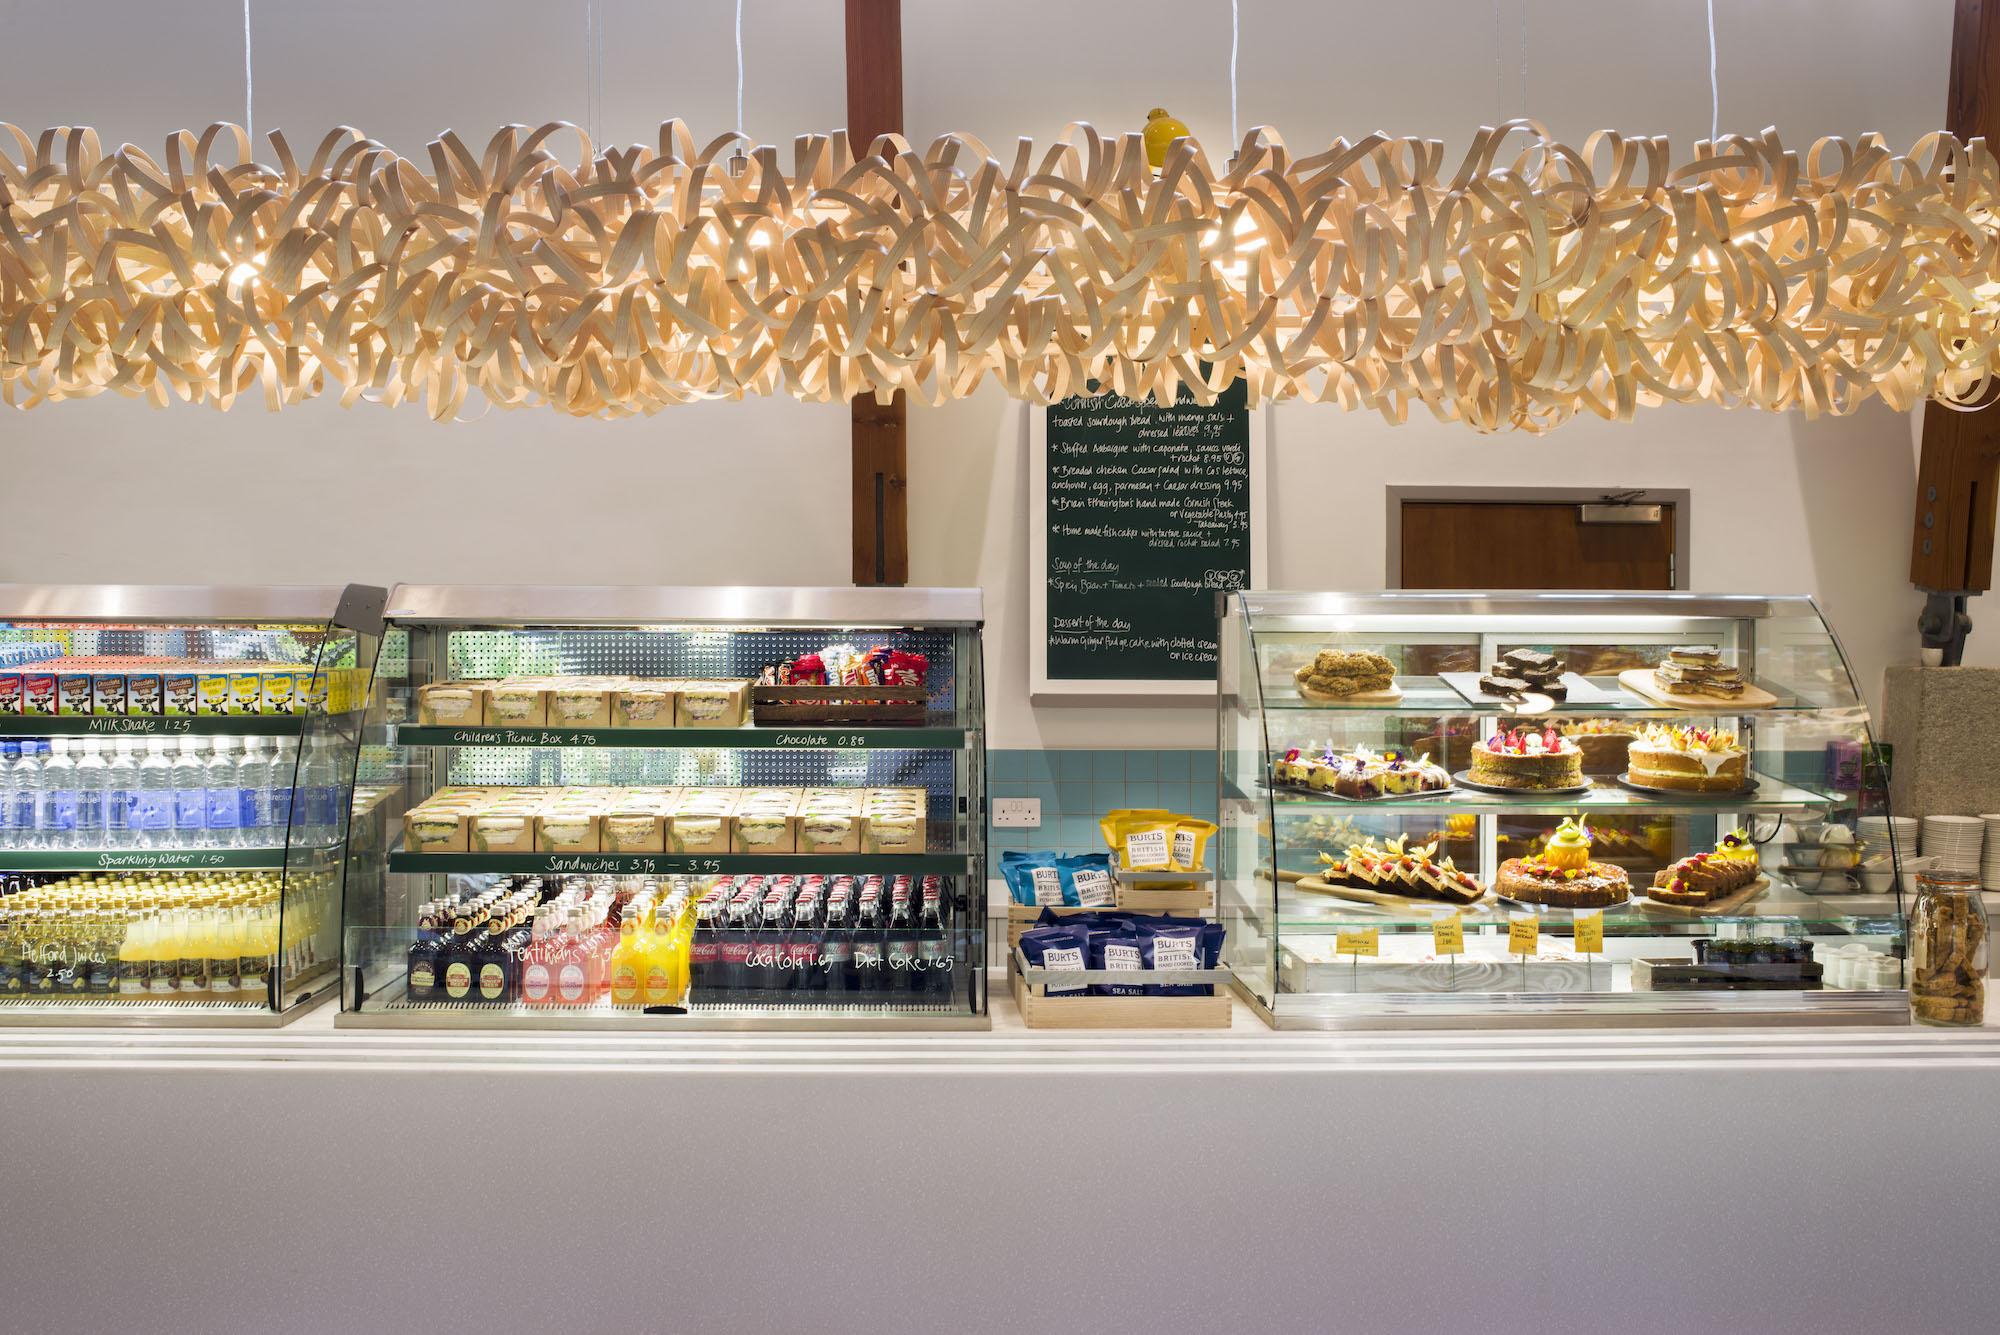 eleanor-bell-restaurant-lighting-trebah-cafe-tom-raffield-pendant.jpg